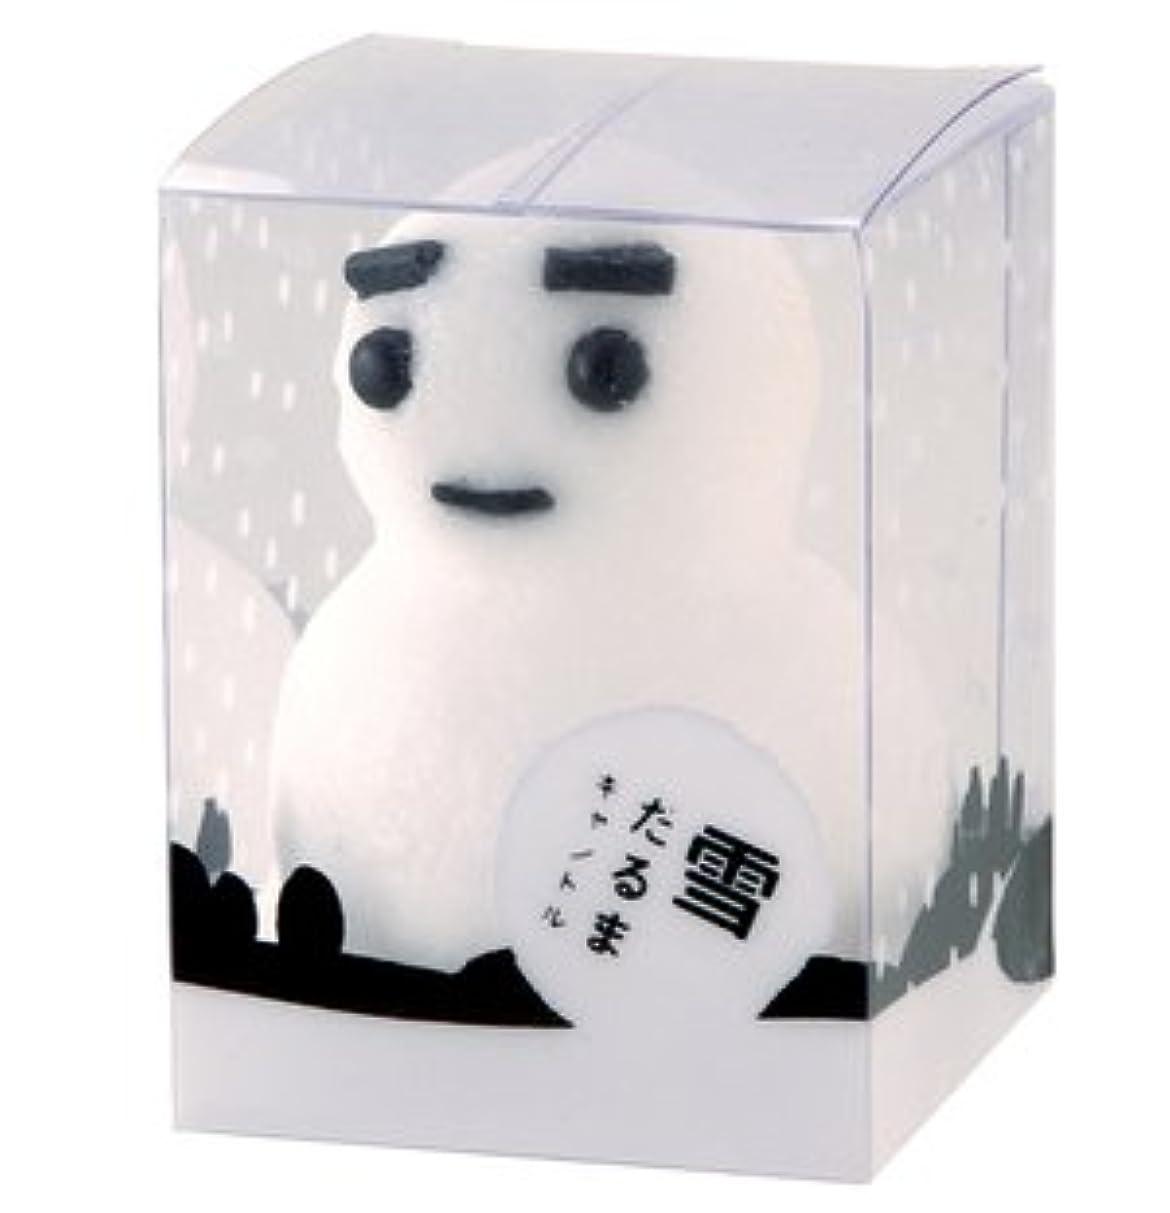 注目すべきエンターテインメントホイットニー雪だるまキャンドルS 21510000